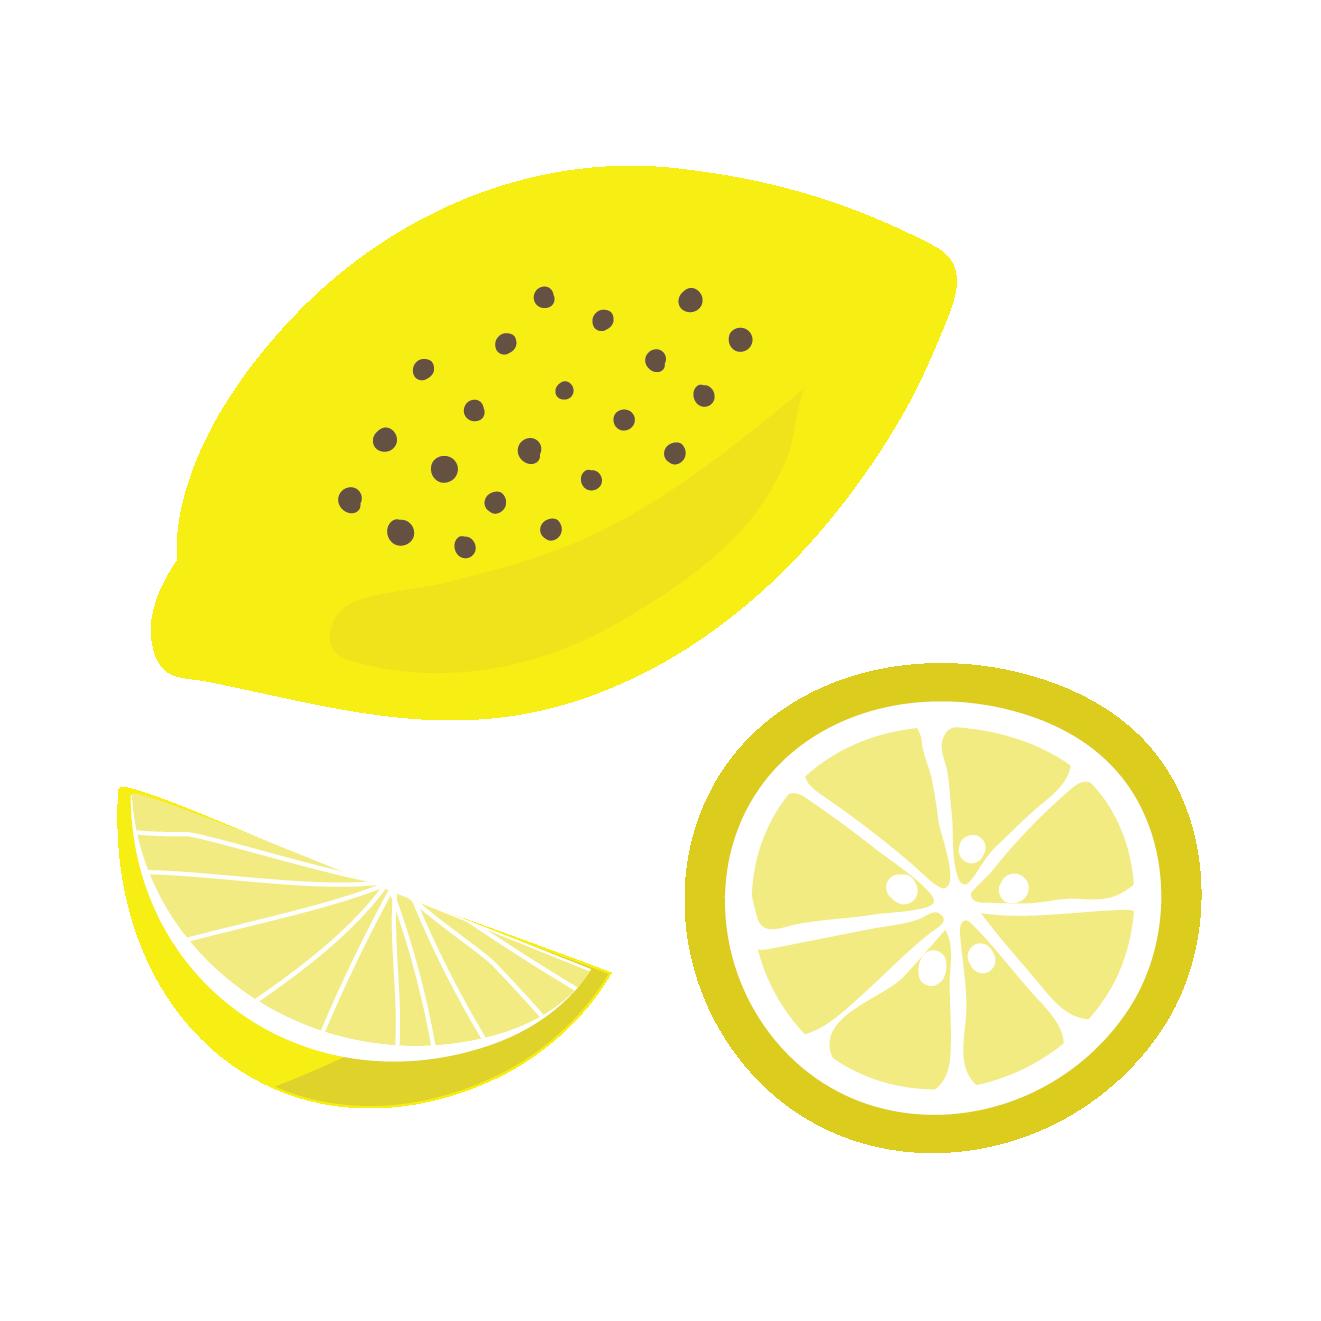 檸檬れもんレモンのイラスト 柑橘類 商用フリー無料の